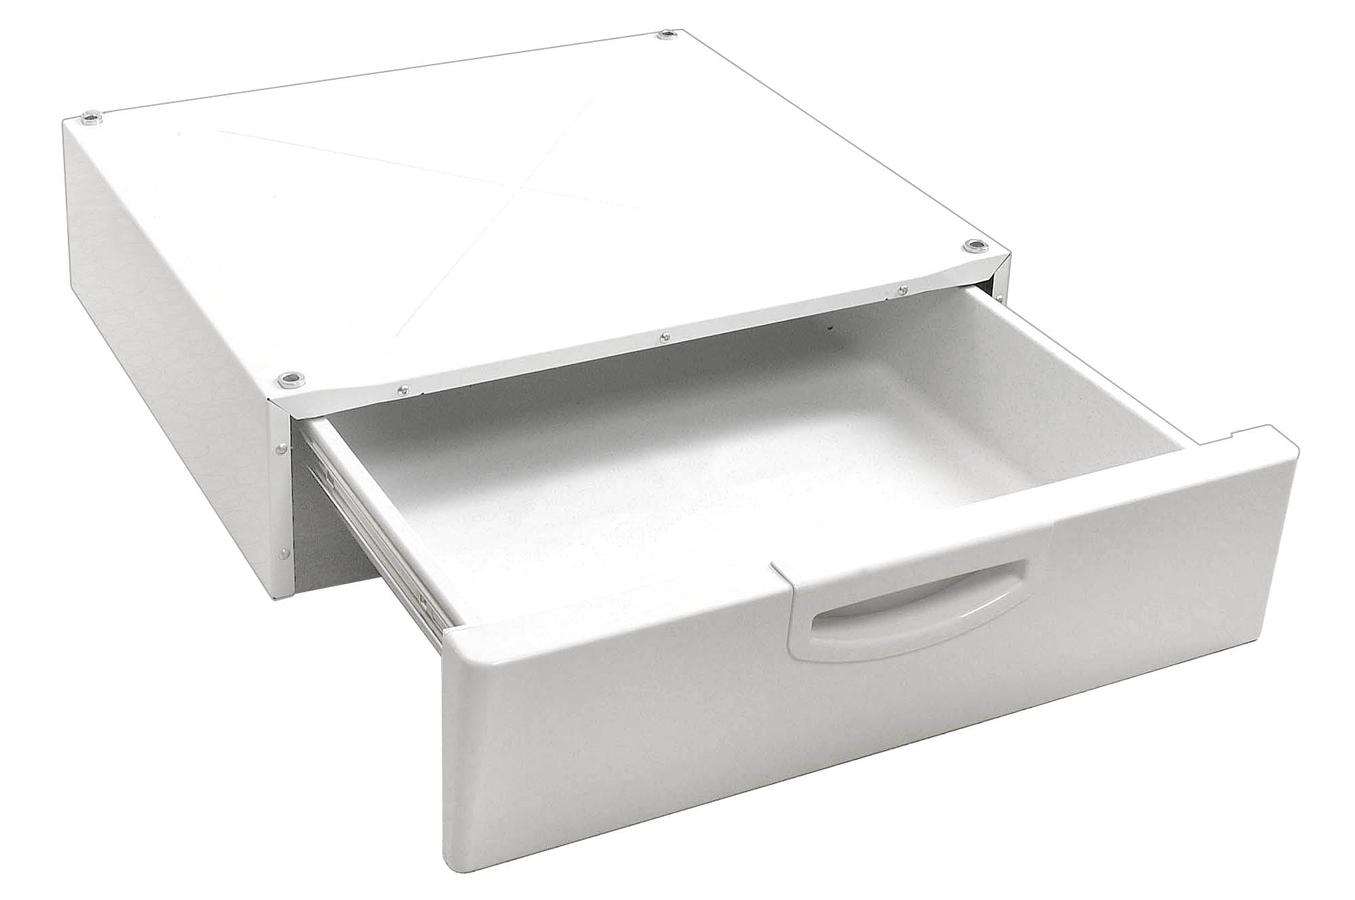 tiroir de rangement bosch tiroir wmz20400 wmz20400. Black Bedroom Furniture Sets. Home Design Ideas